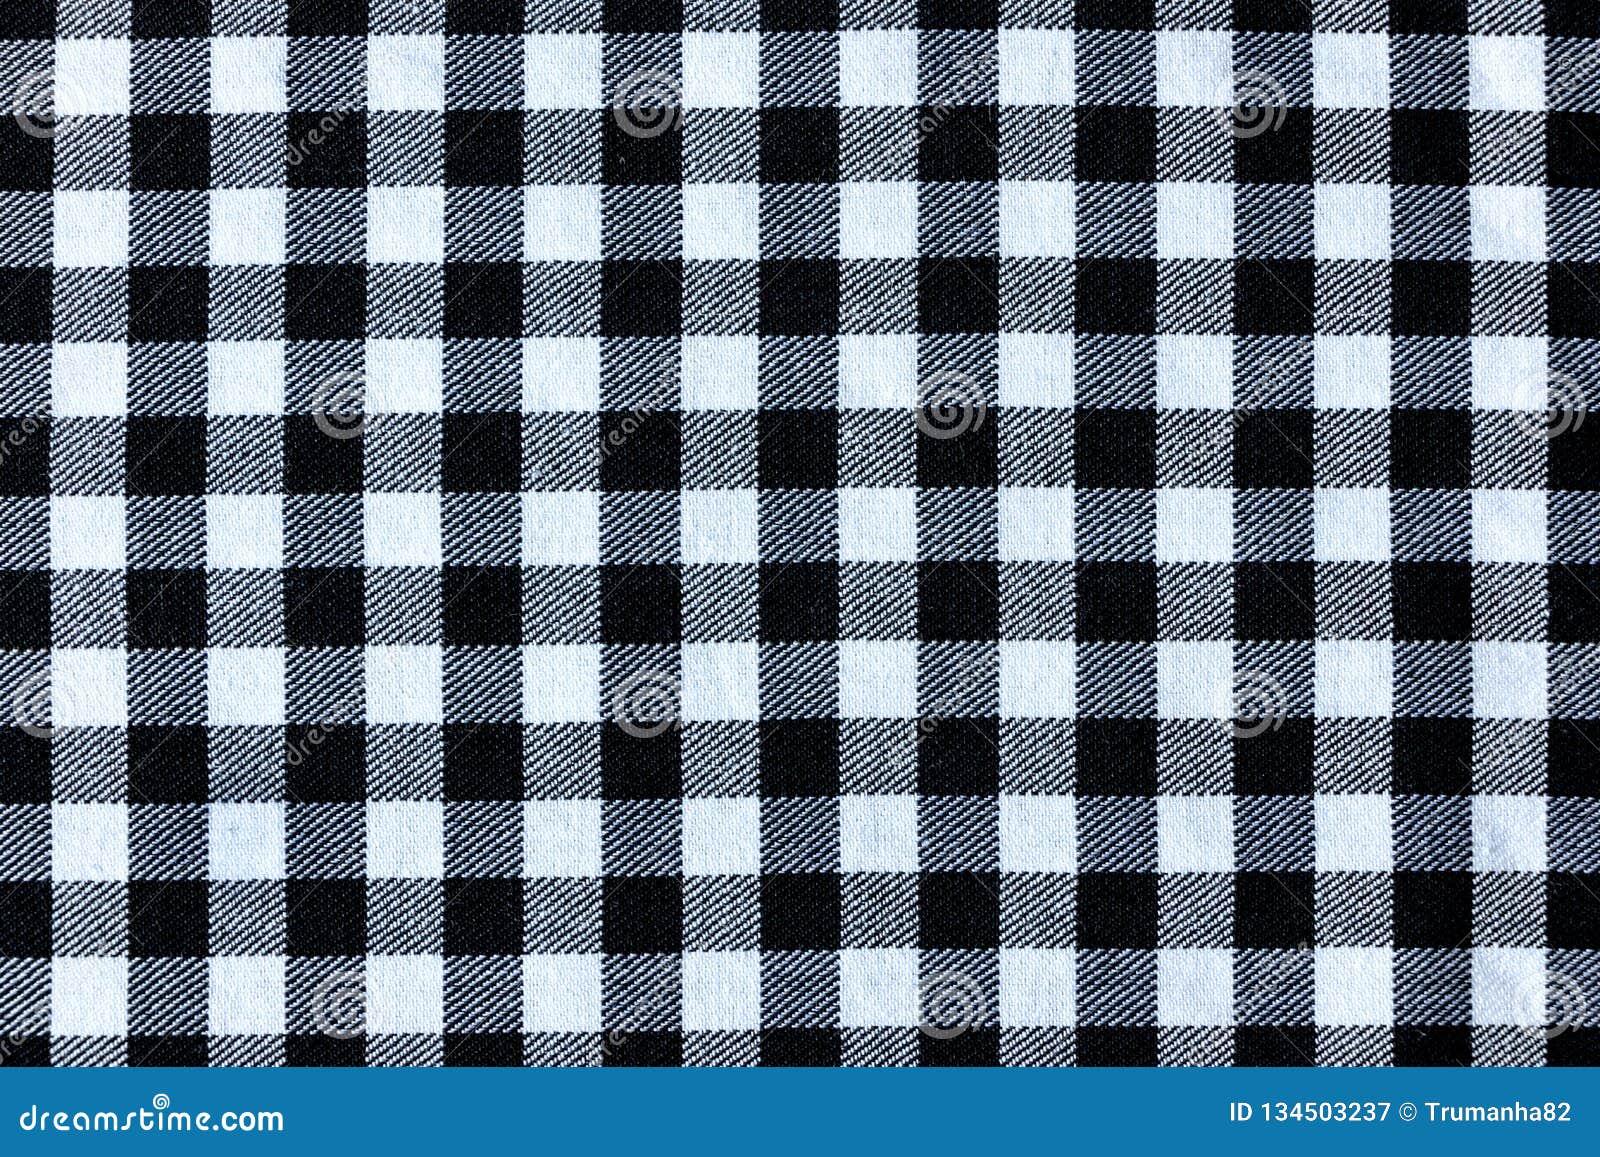 Schwarzweiss-Plaid-Textilgewebe-Beschaffenheit